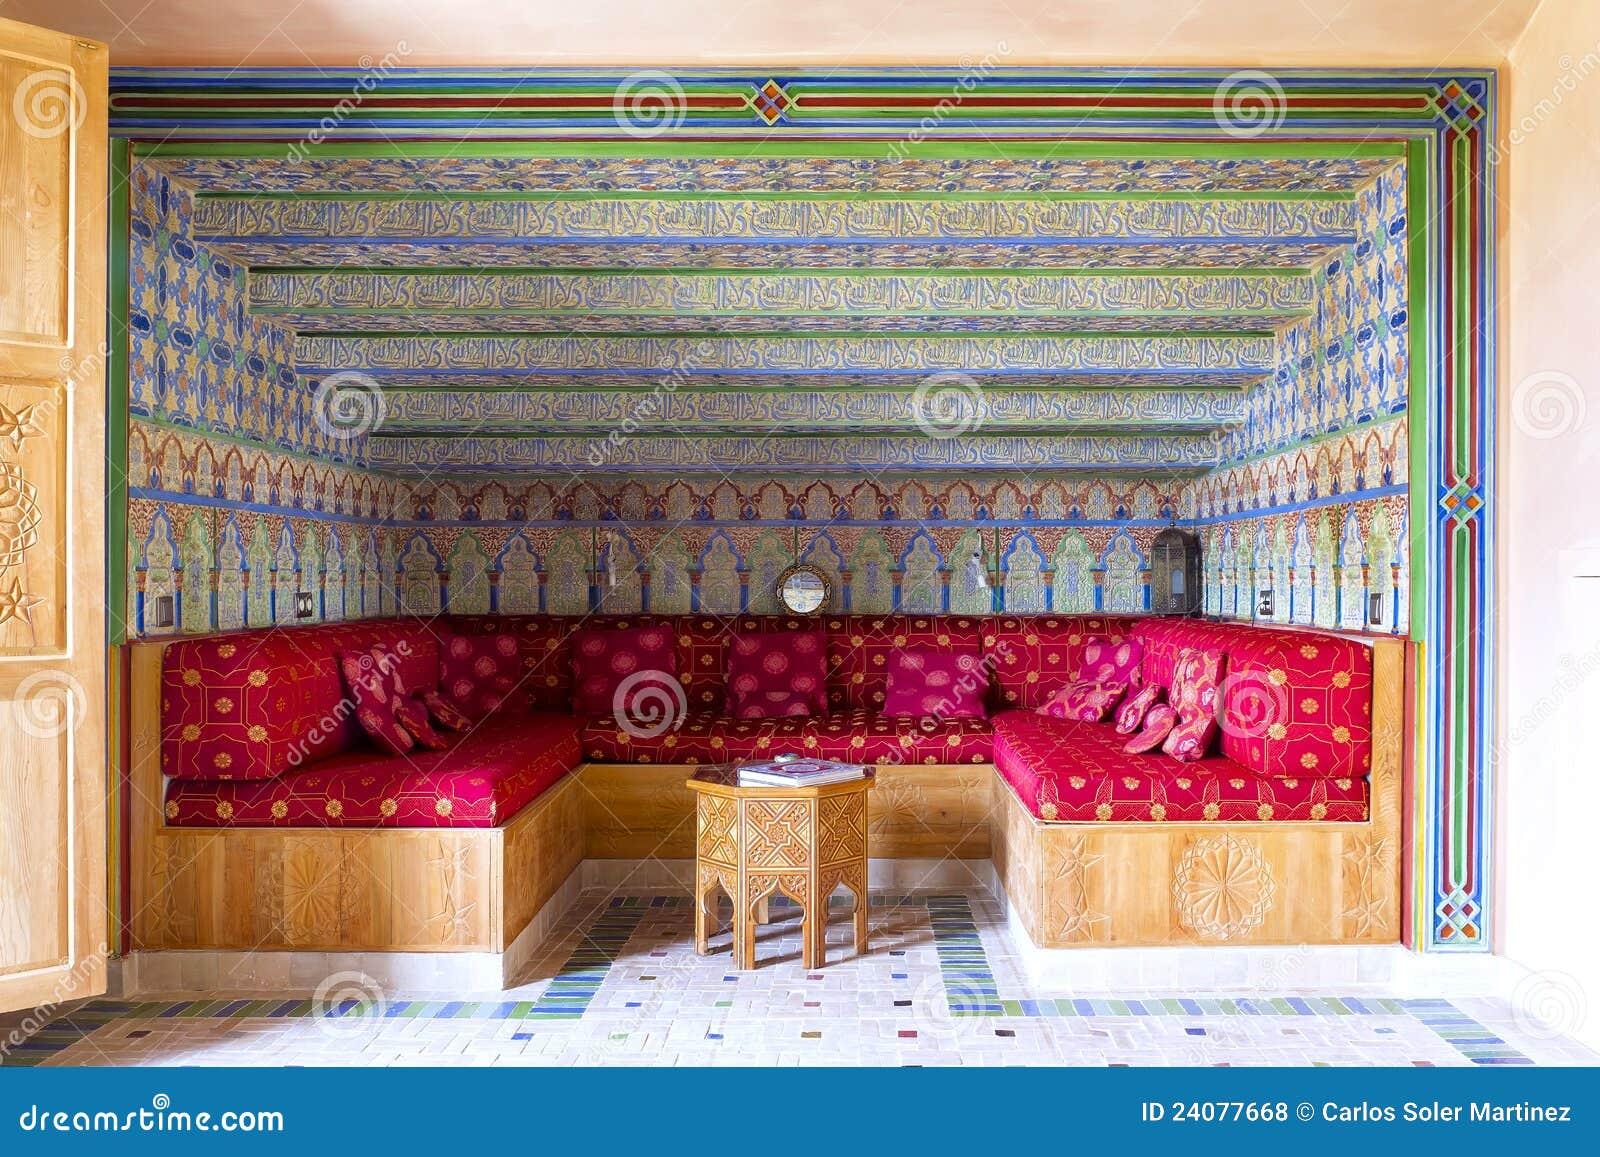 Dekoration Der Arabischen Art Des Salons, Stockfoto - Bild von ...